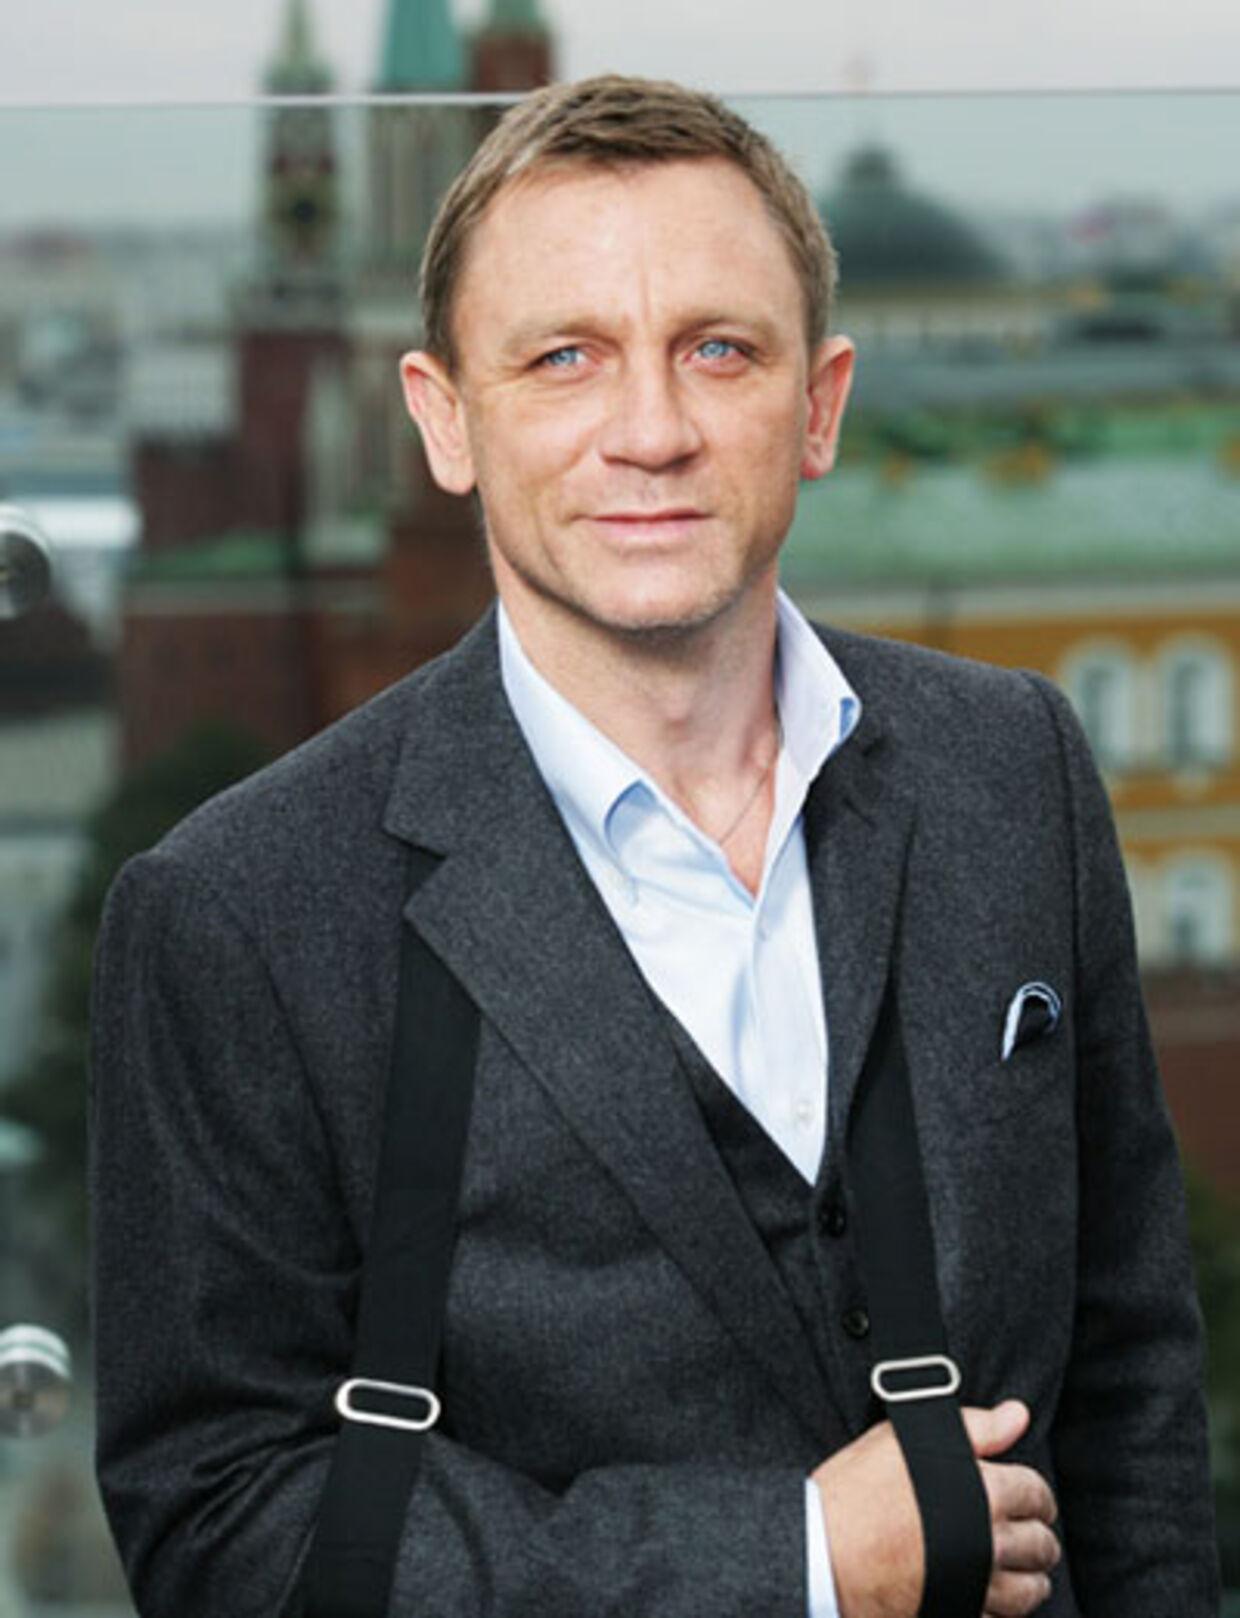 - Jeg savner virkelig Mads, siger Daniel Craig.